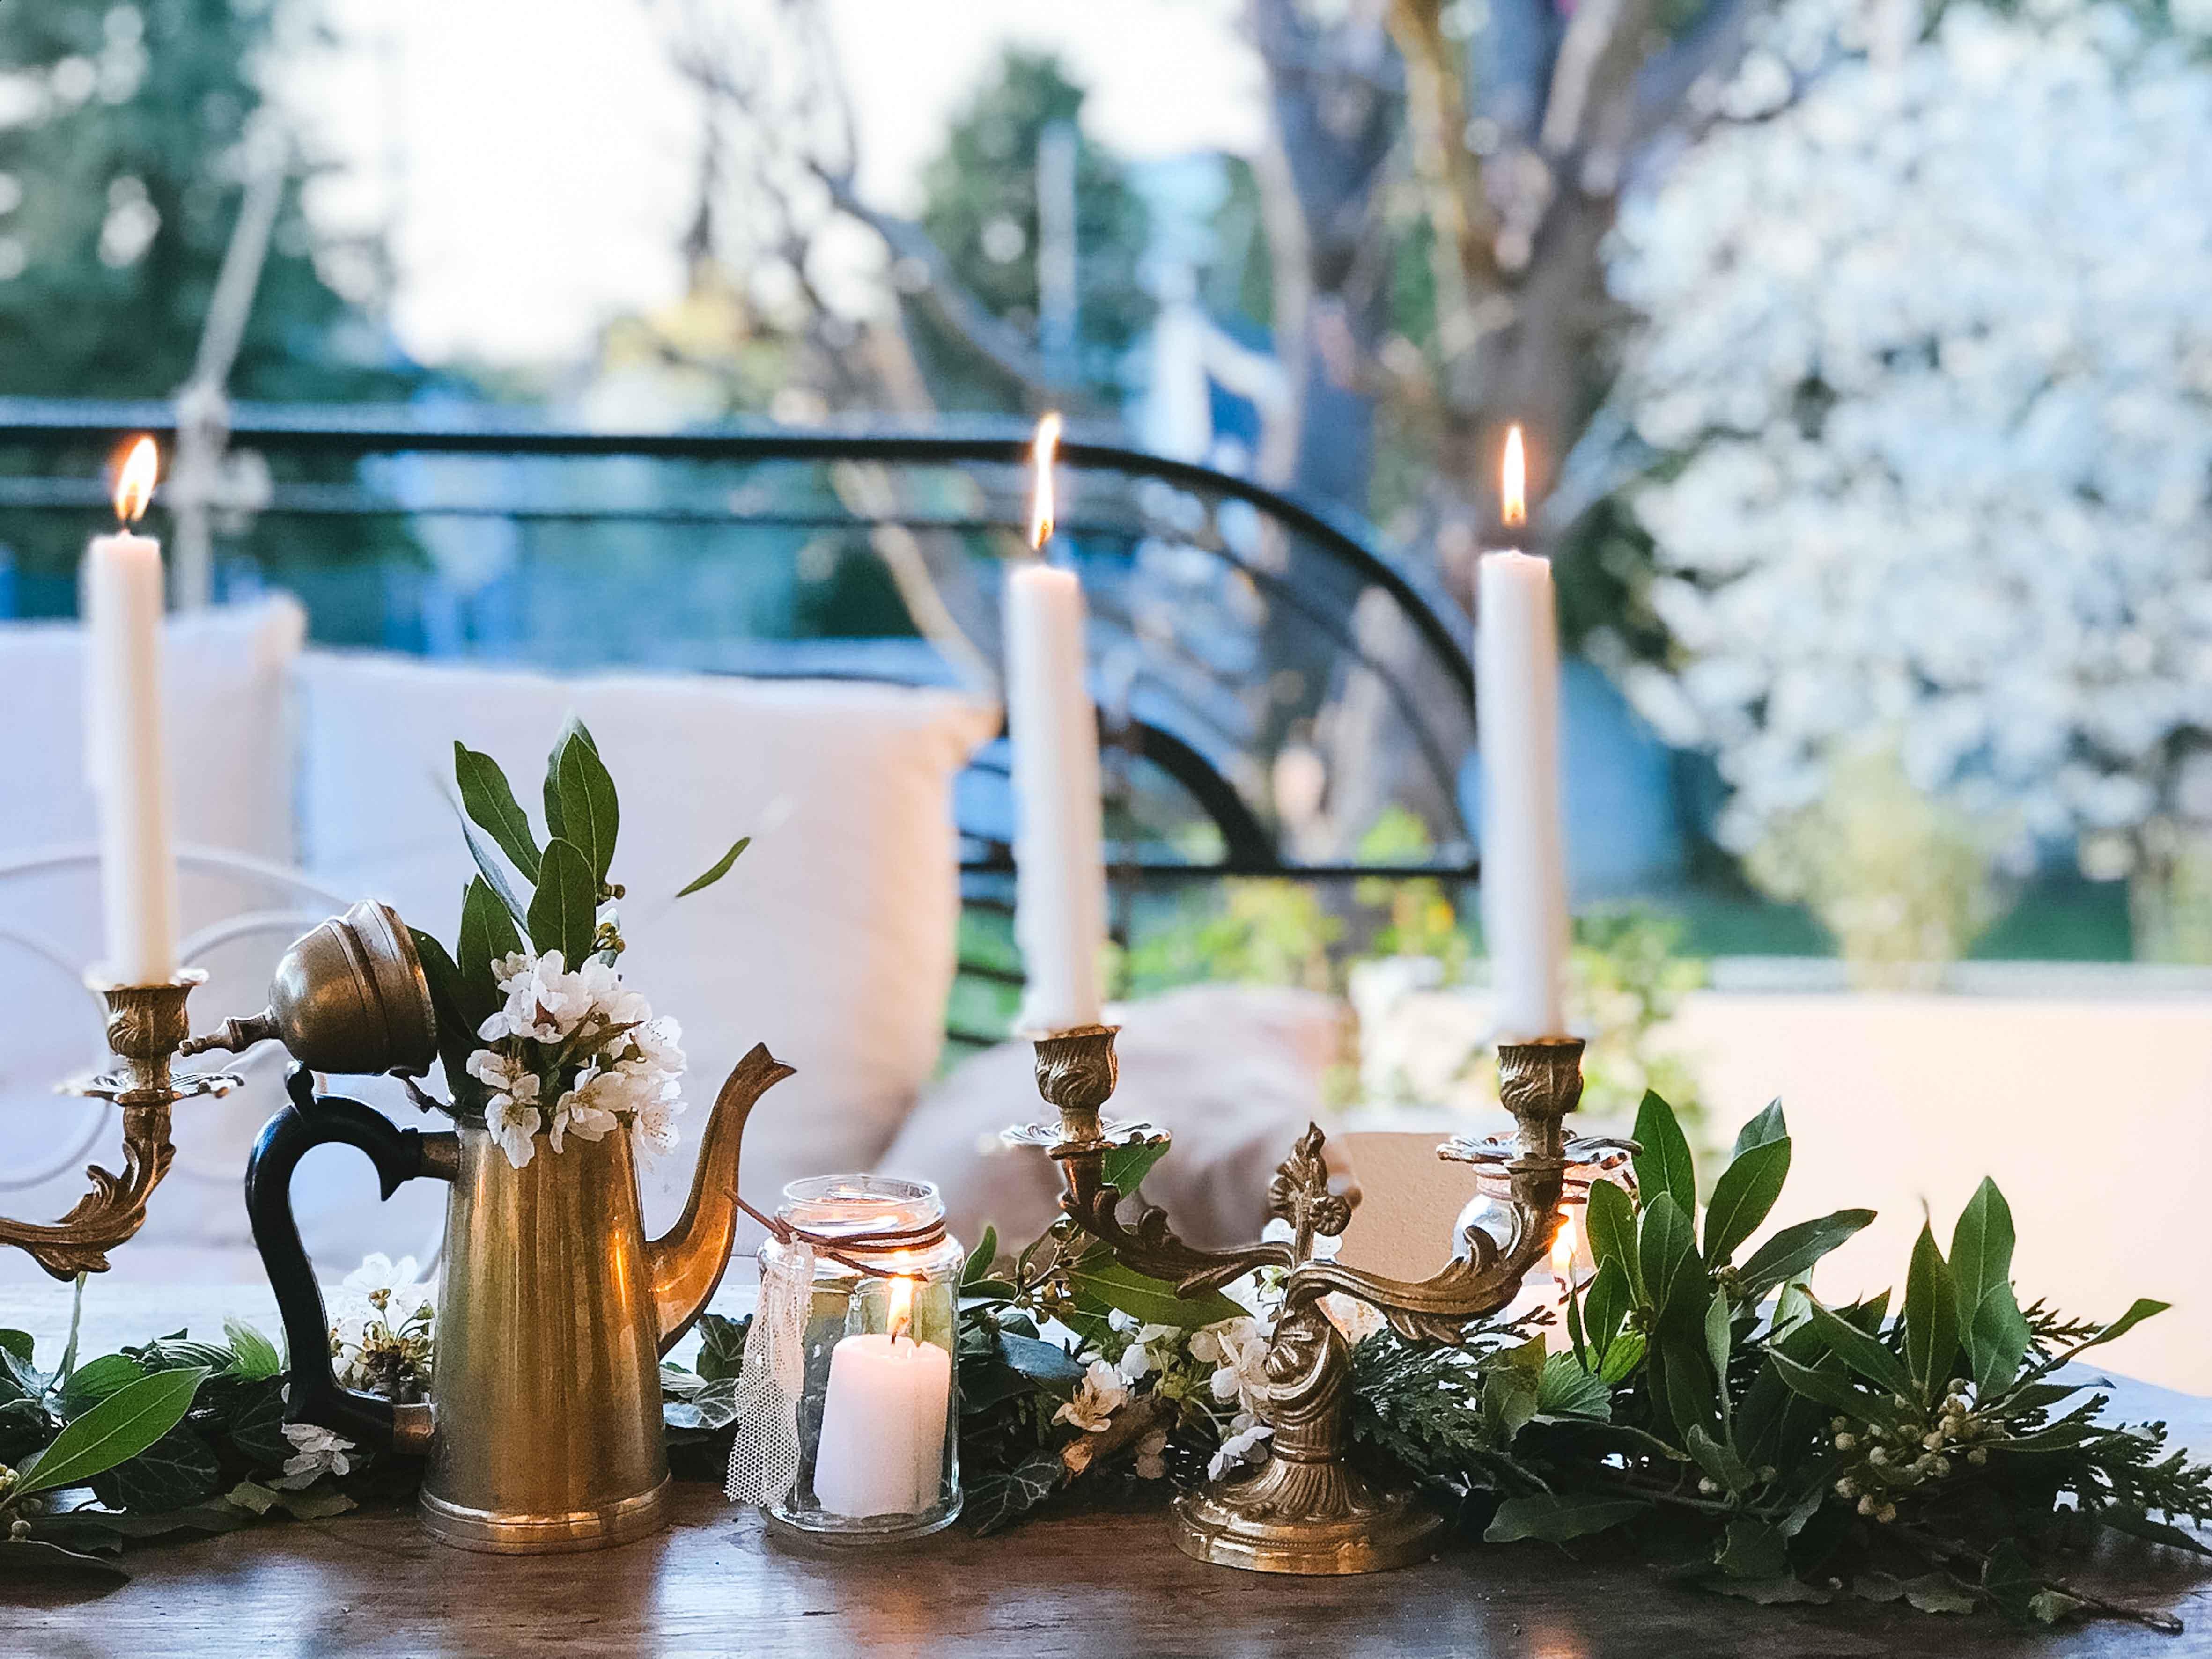 decoration-vegetale-chemin-table-mariage-fleurs